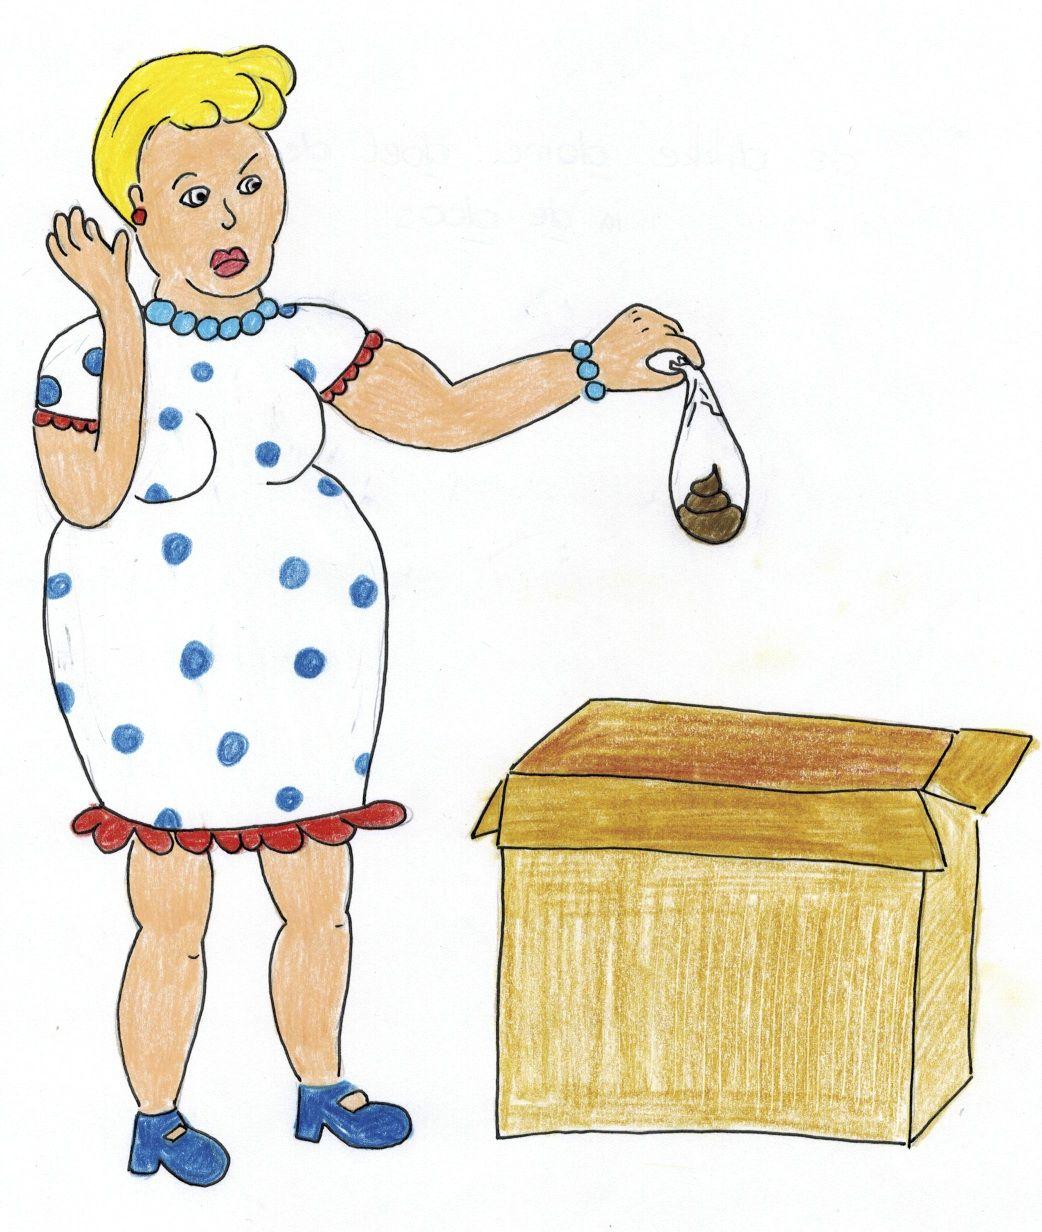 """letter 'd': """"De dikke dame doet de drol in de doos."""" Bij een herhaling over de letter 'd' kan je deze zin op bord schrijven (met de tekening erbij) en de de leerlingen alle 'd's laten aanduiden."""